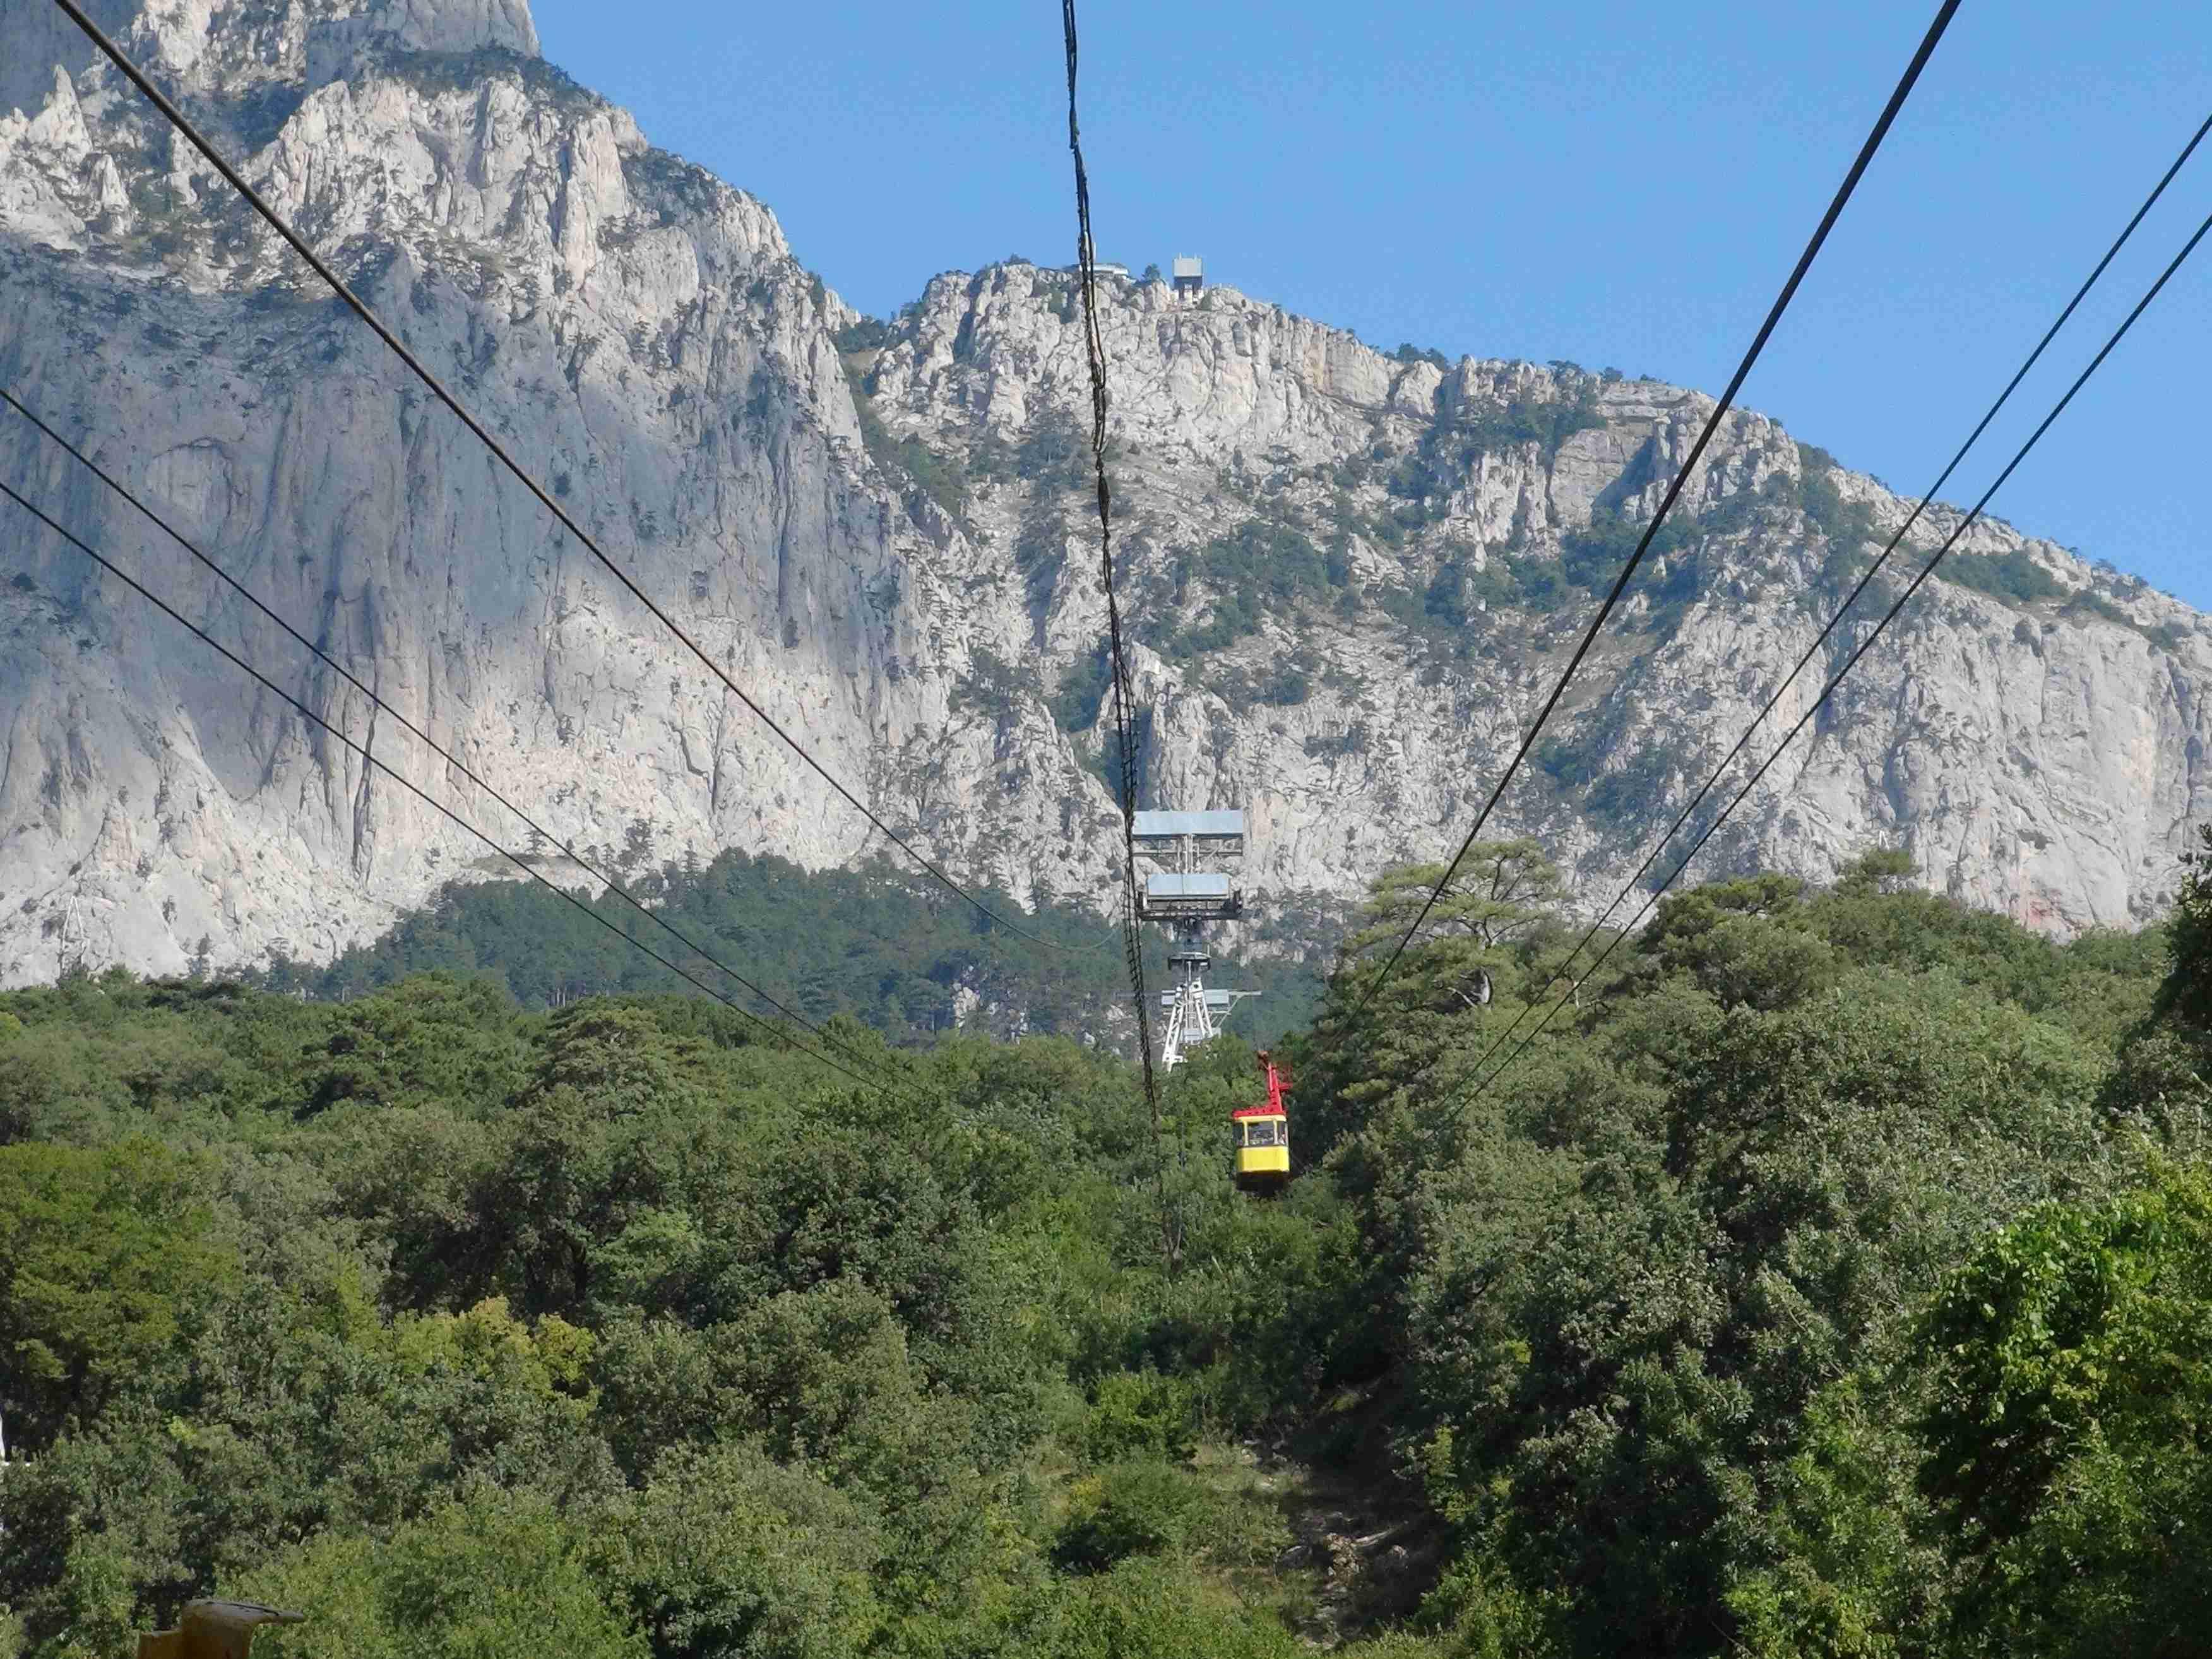 Гора Ай-Петри. Высота 1234м. надо уровнем моря.